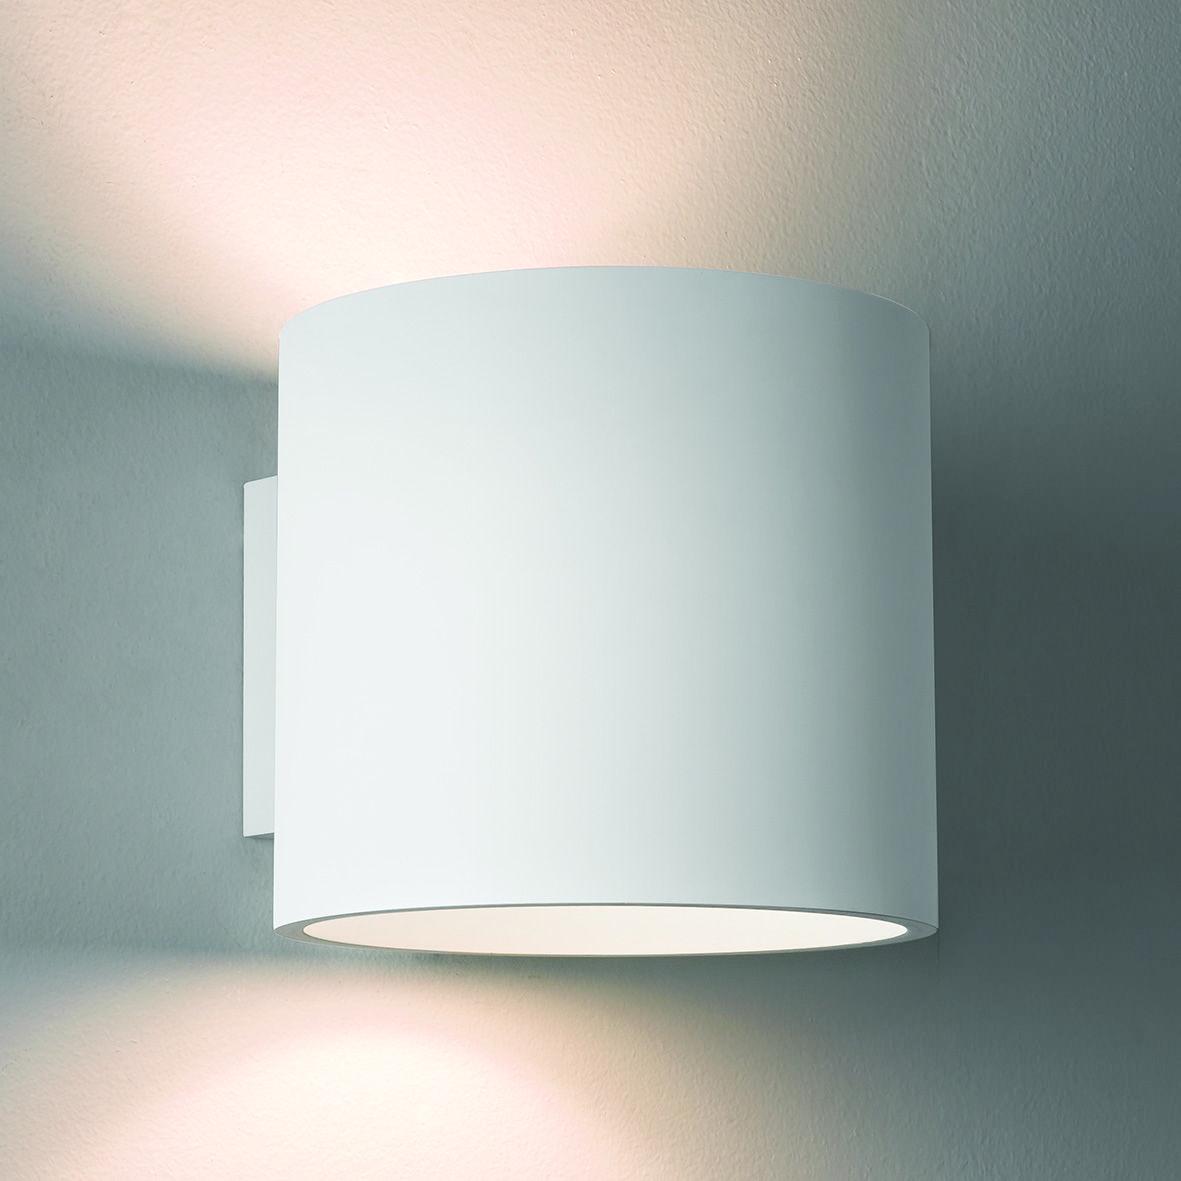 Leuchten Kaufen Leuchten Und Lampen Shop Lampen Und: Wandleuchte Brenta 175 Von Astro